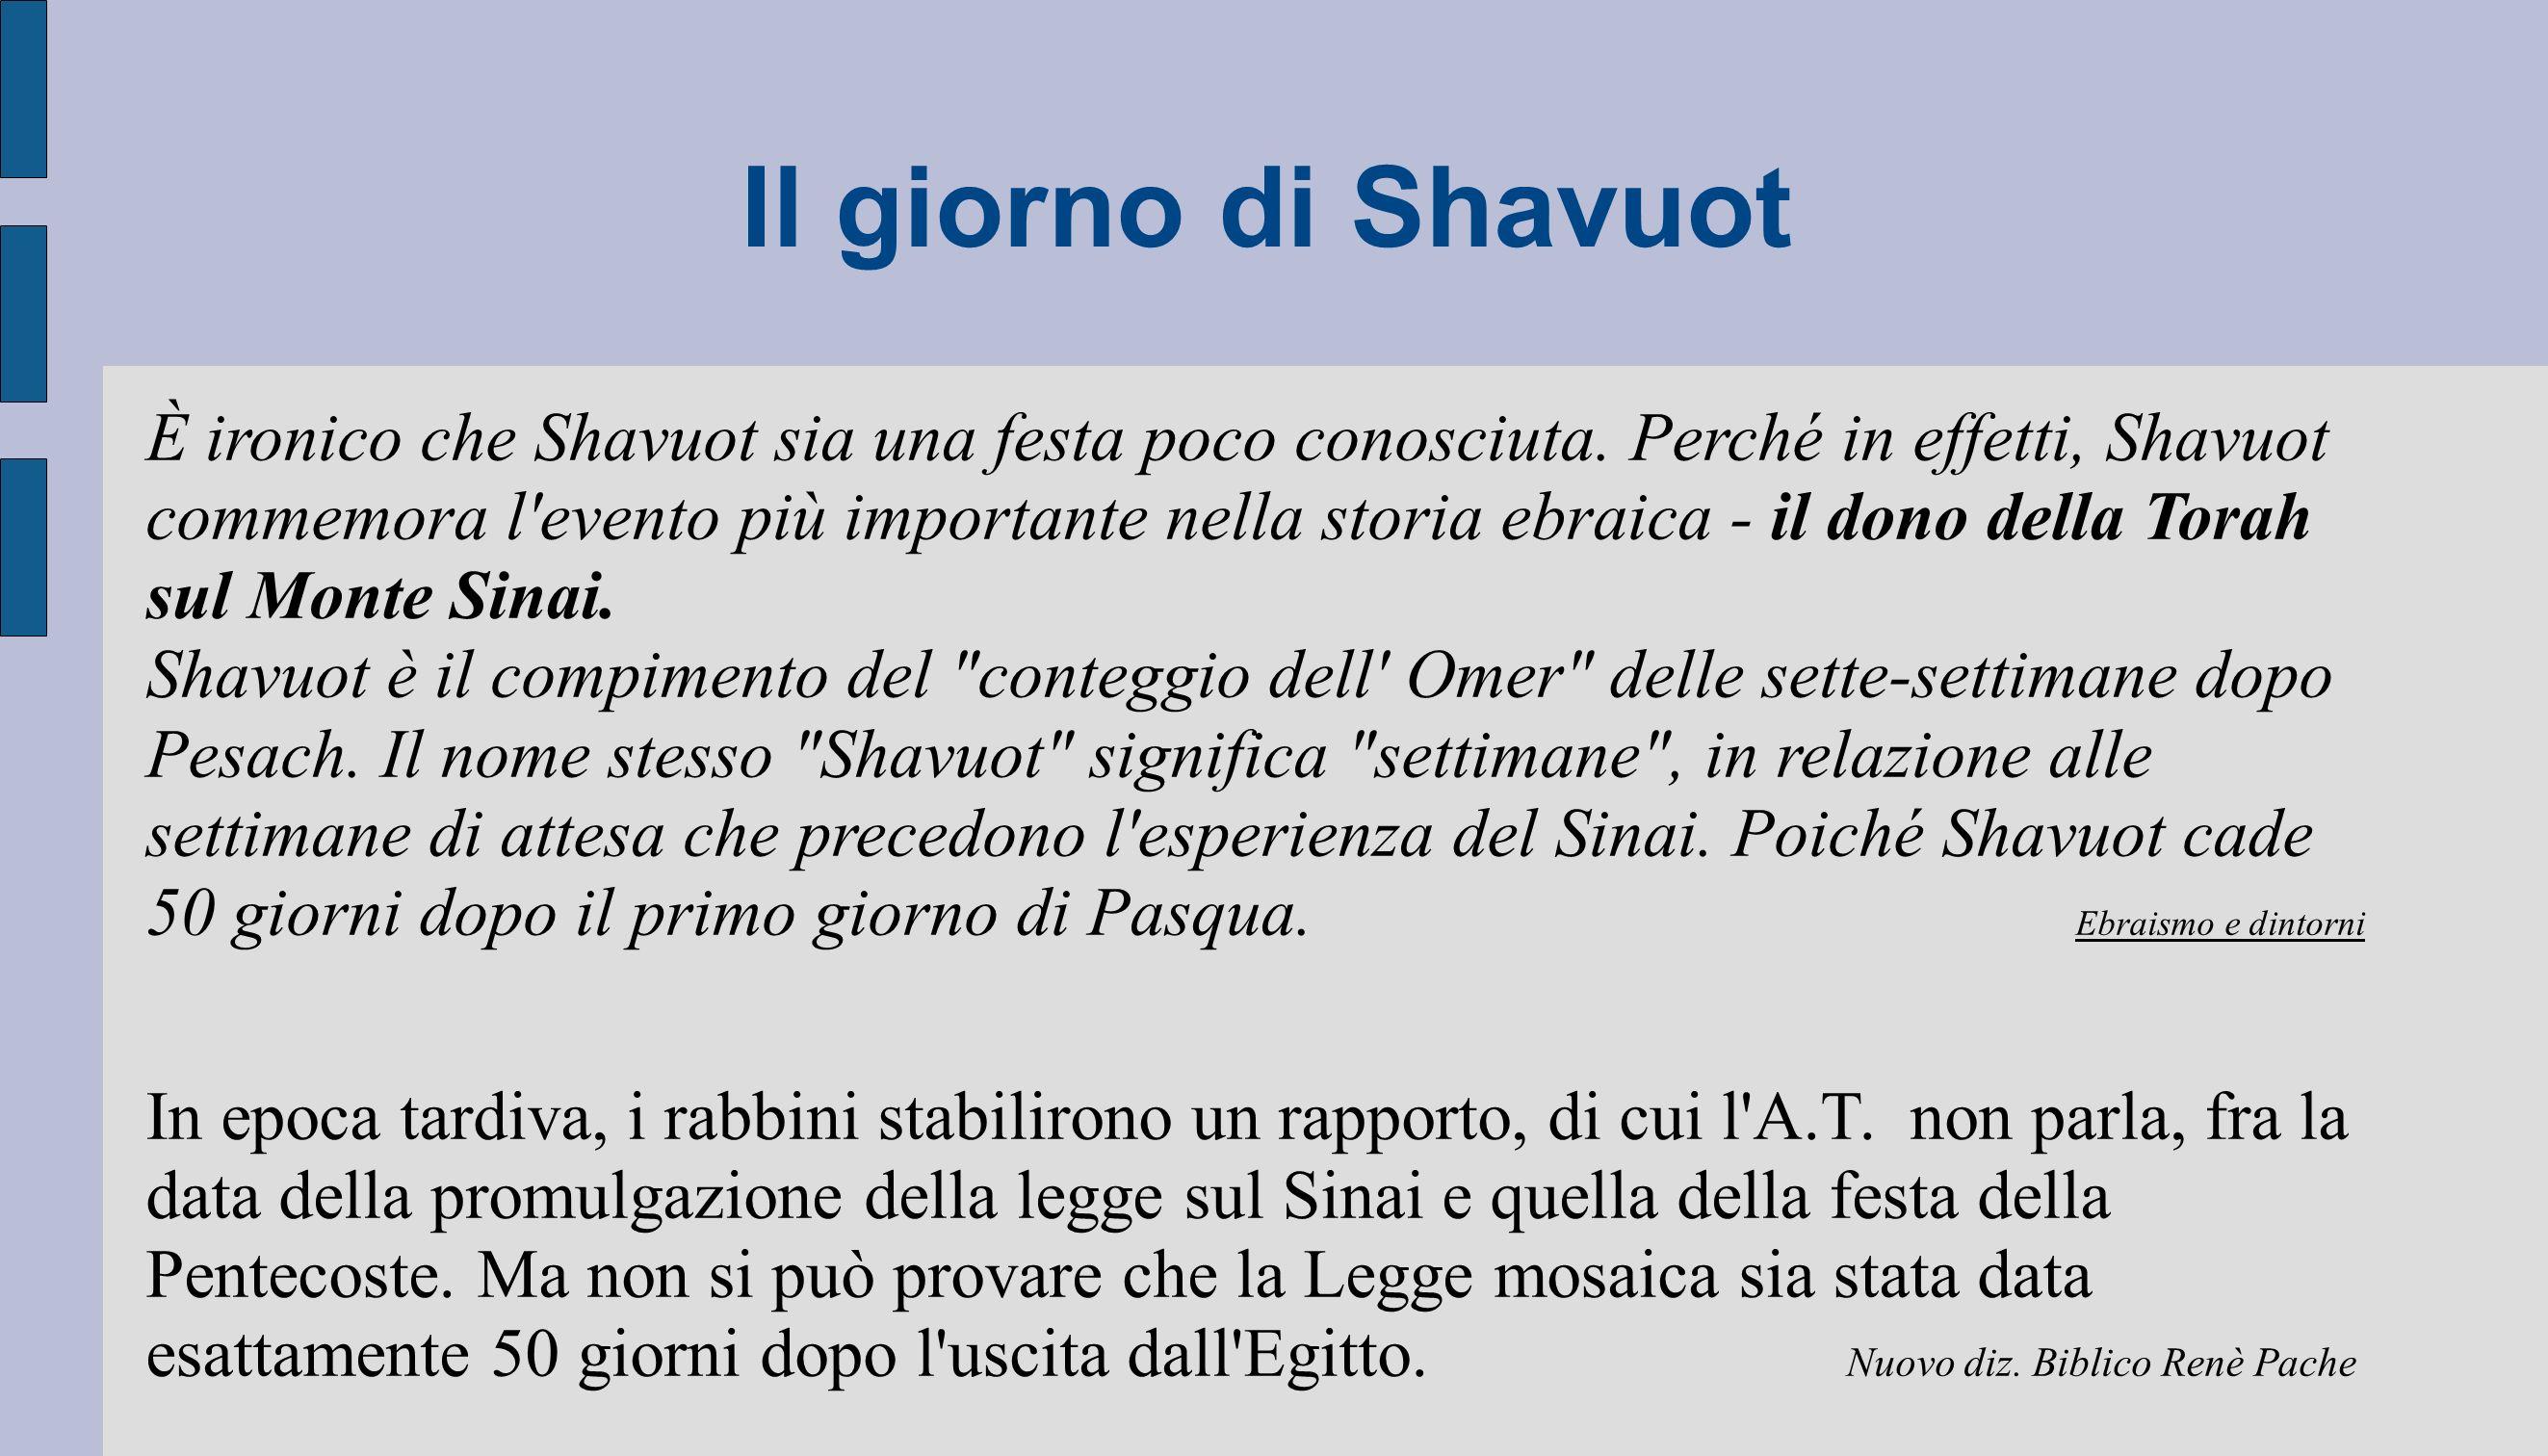 Il giorno di Shavuot